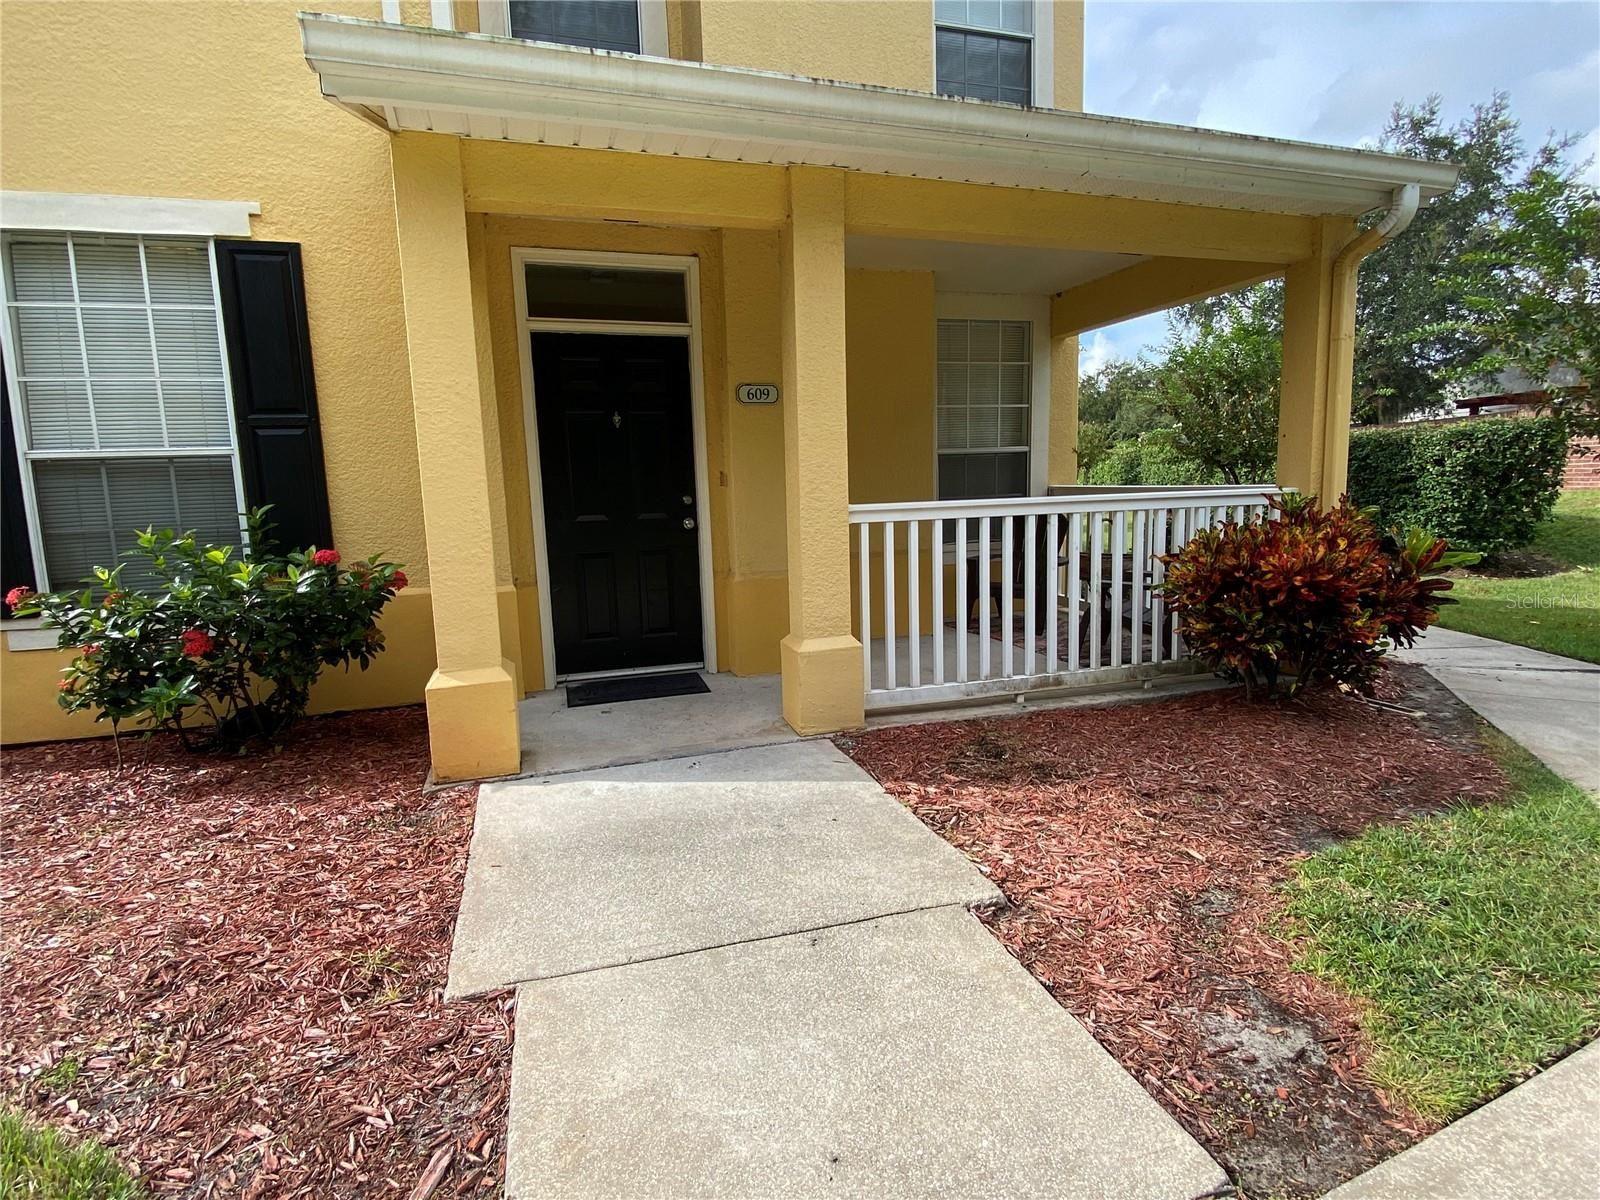 9117 LEE VISTA BOULEVARD #609, Orlando, FL 32829 - #: O5973355